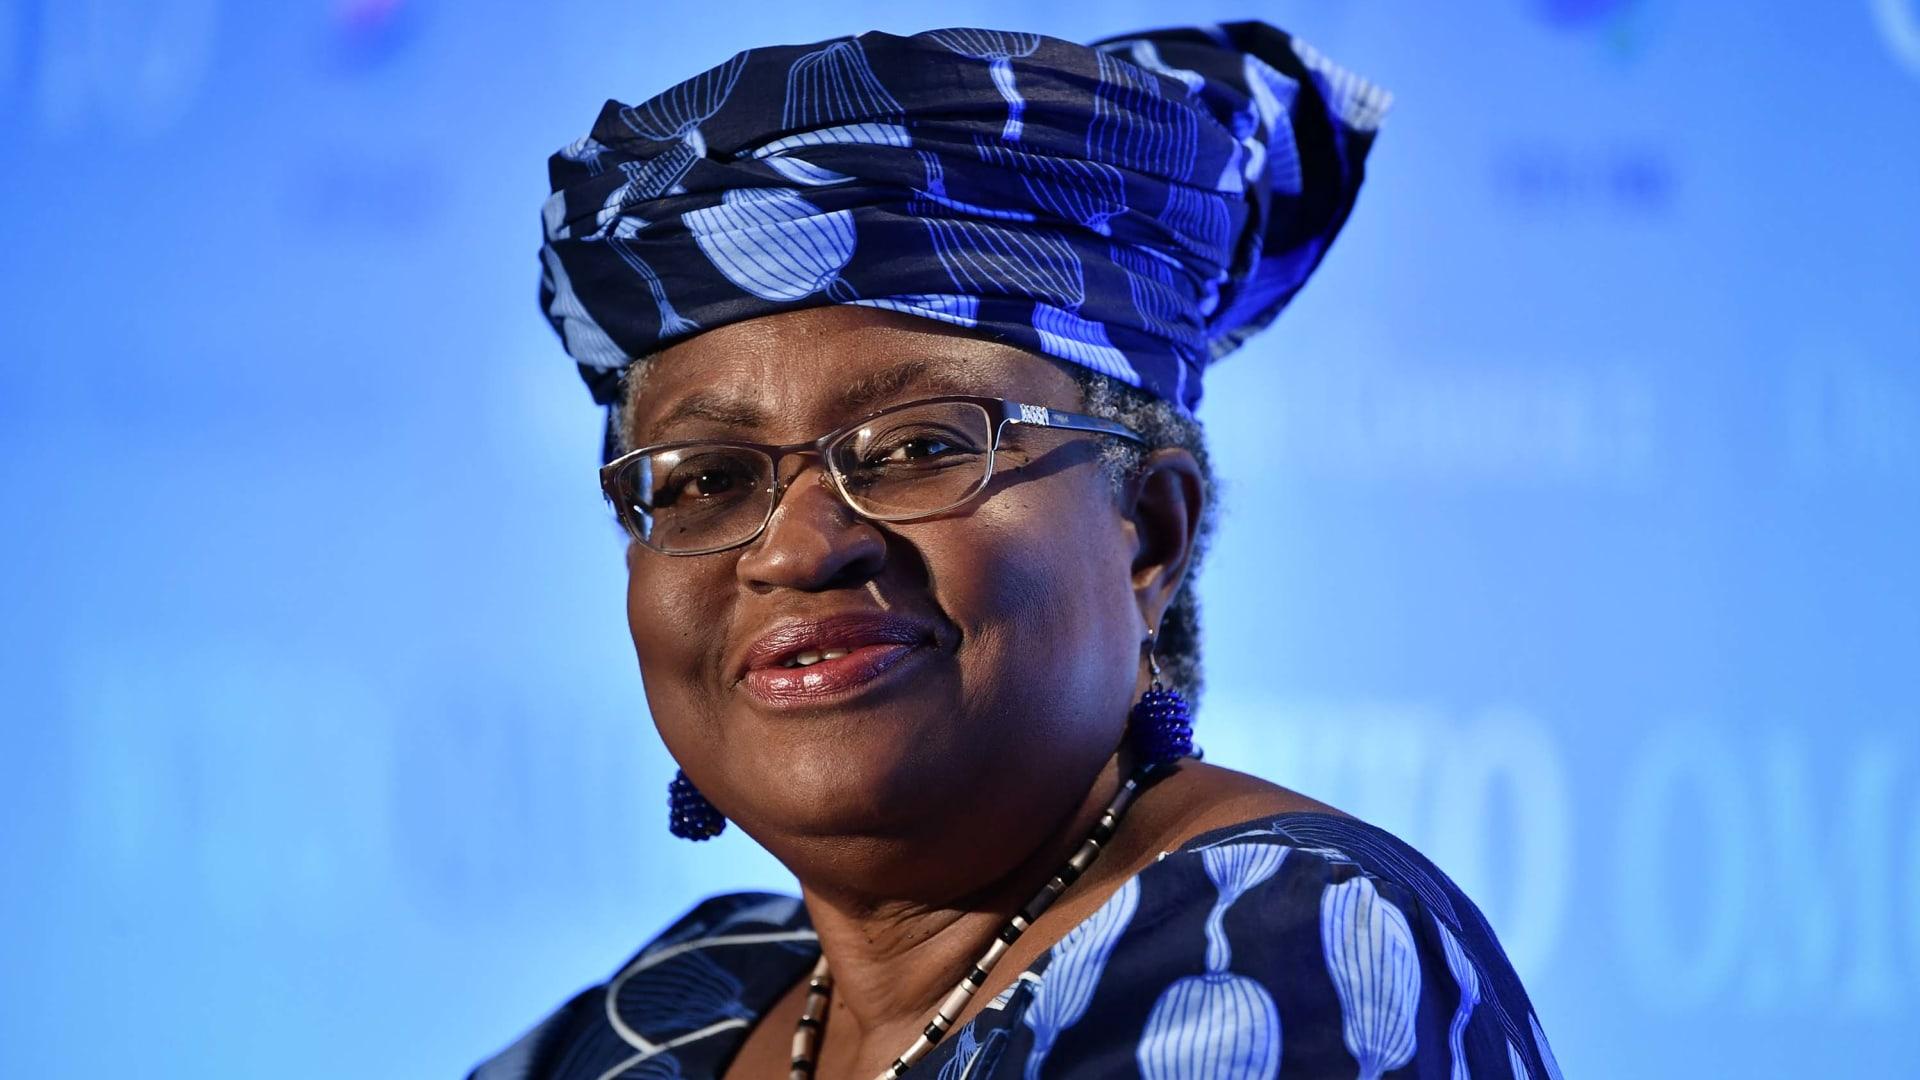 النيجيرية نغوزي أوكونجو إيويالا أول امرأة وأفريقية تترأس منظمة التجارة العالمية